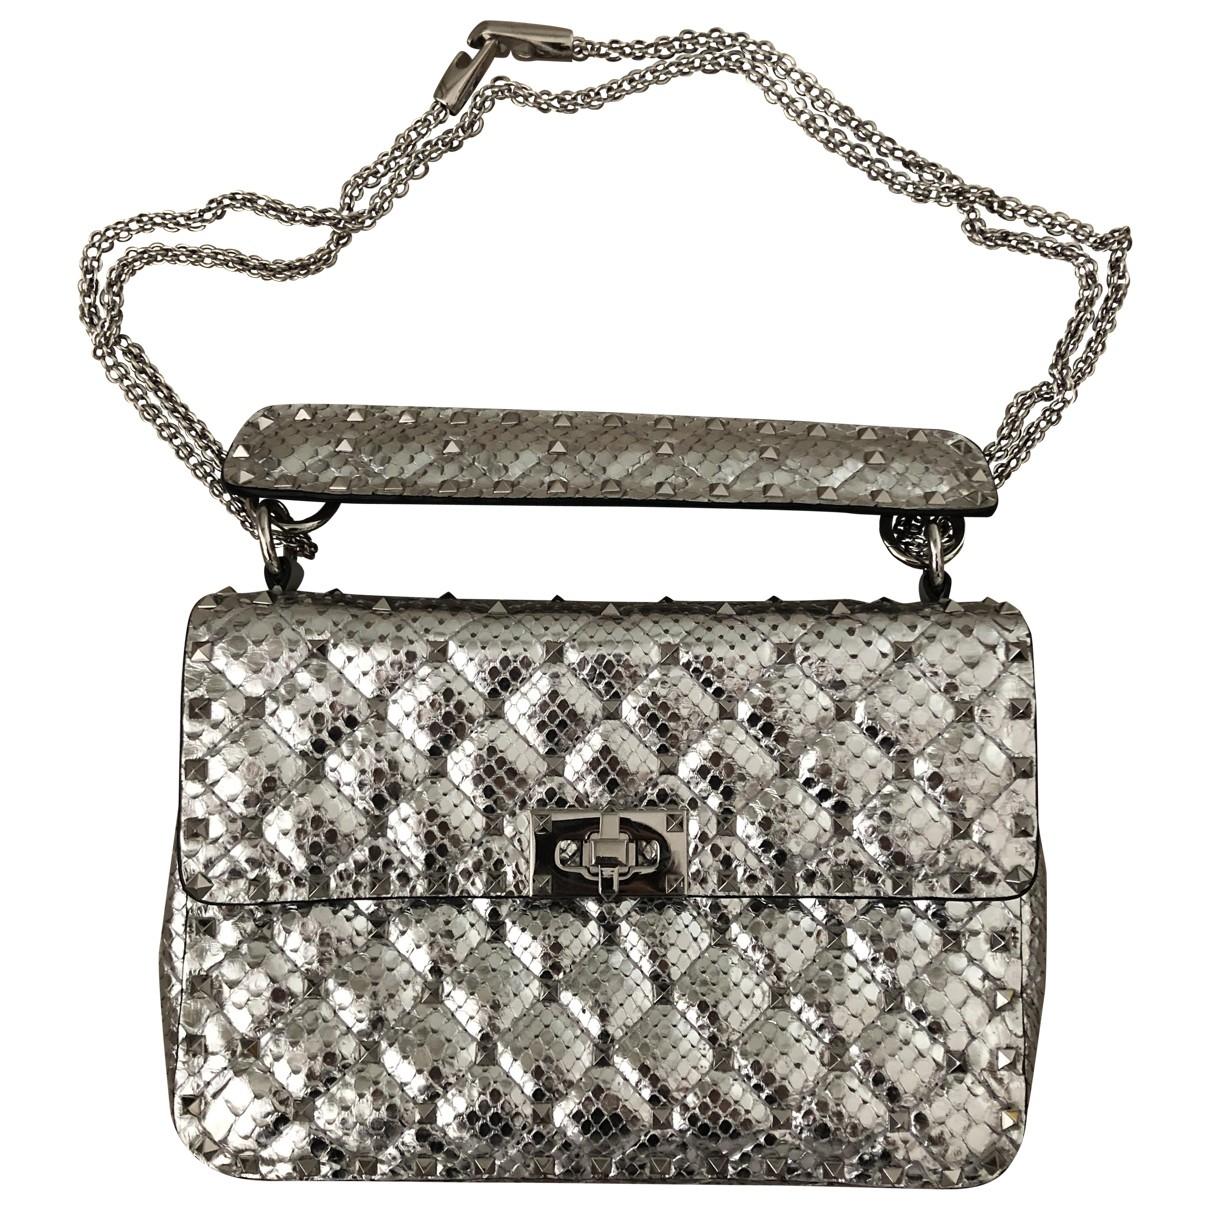 Valentino Garavani Rockstud spike Handtasche in  Silber Python